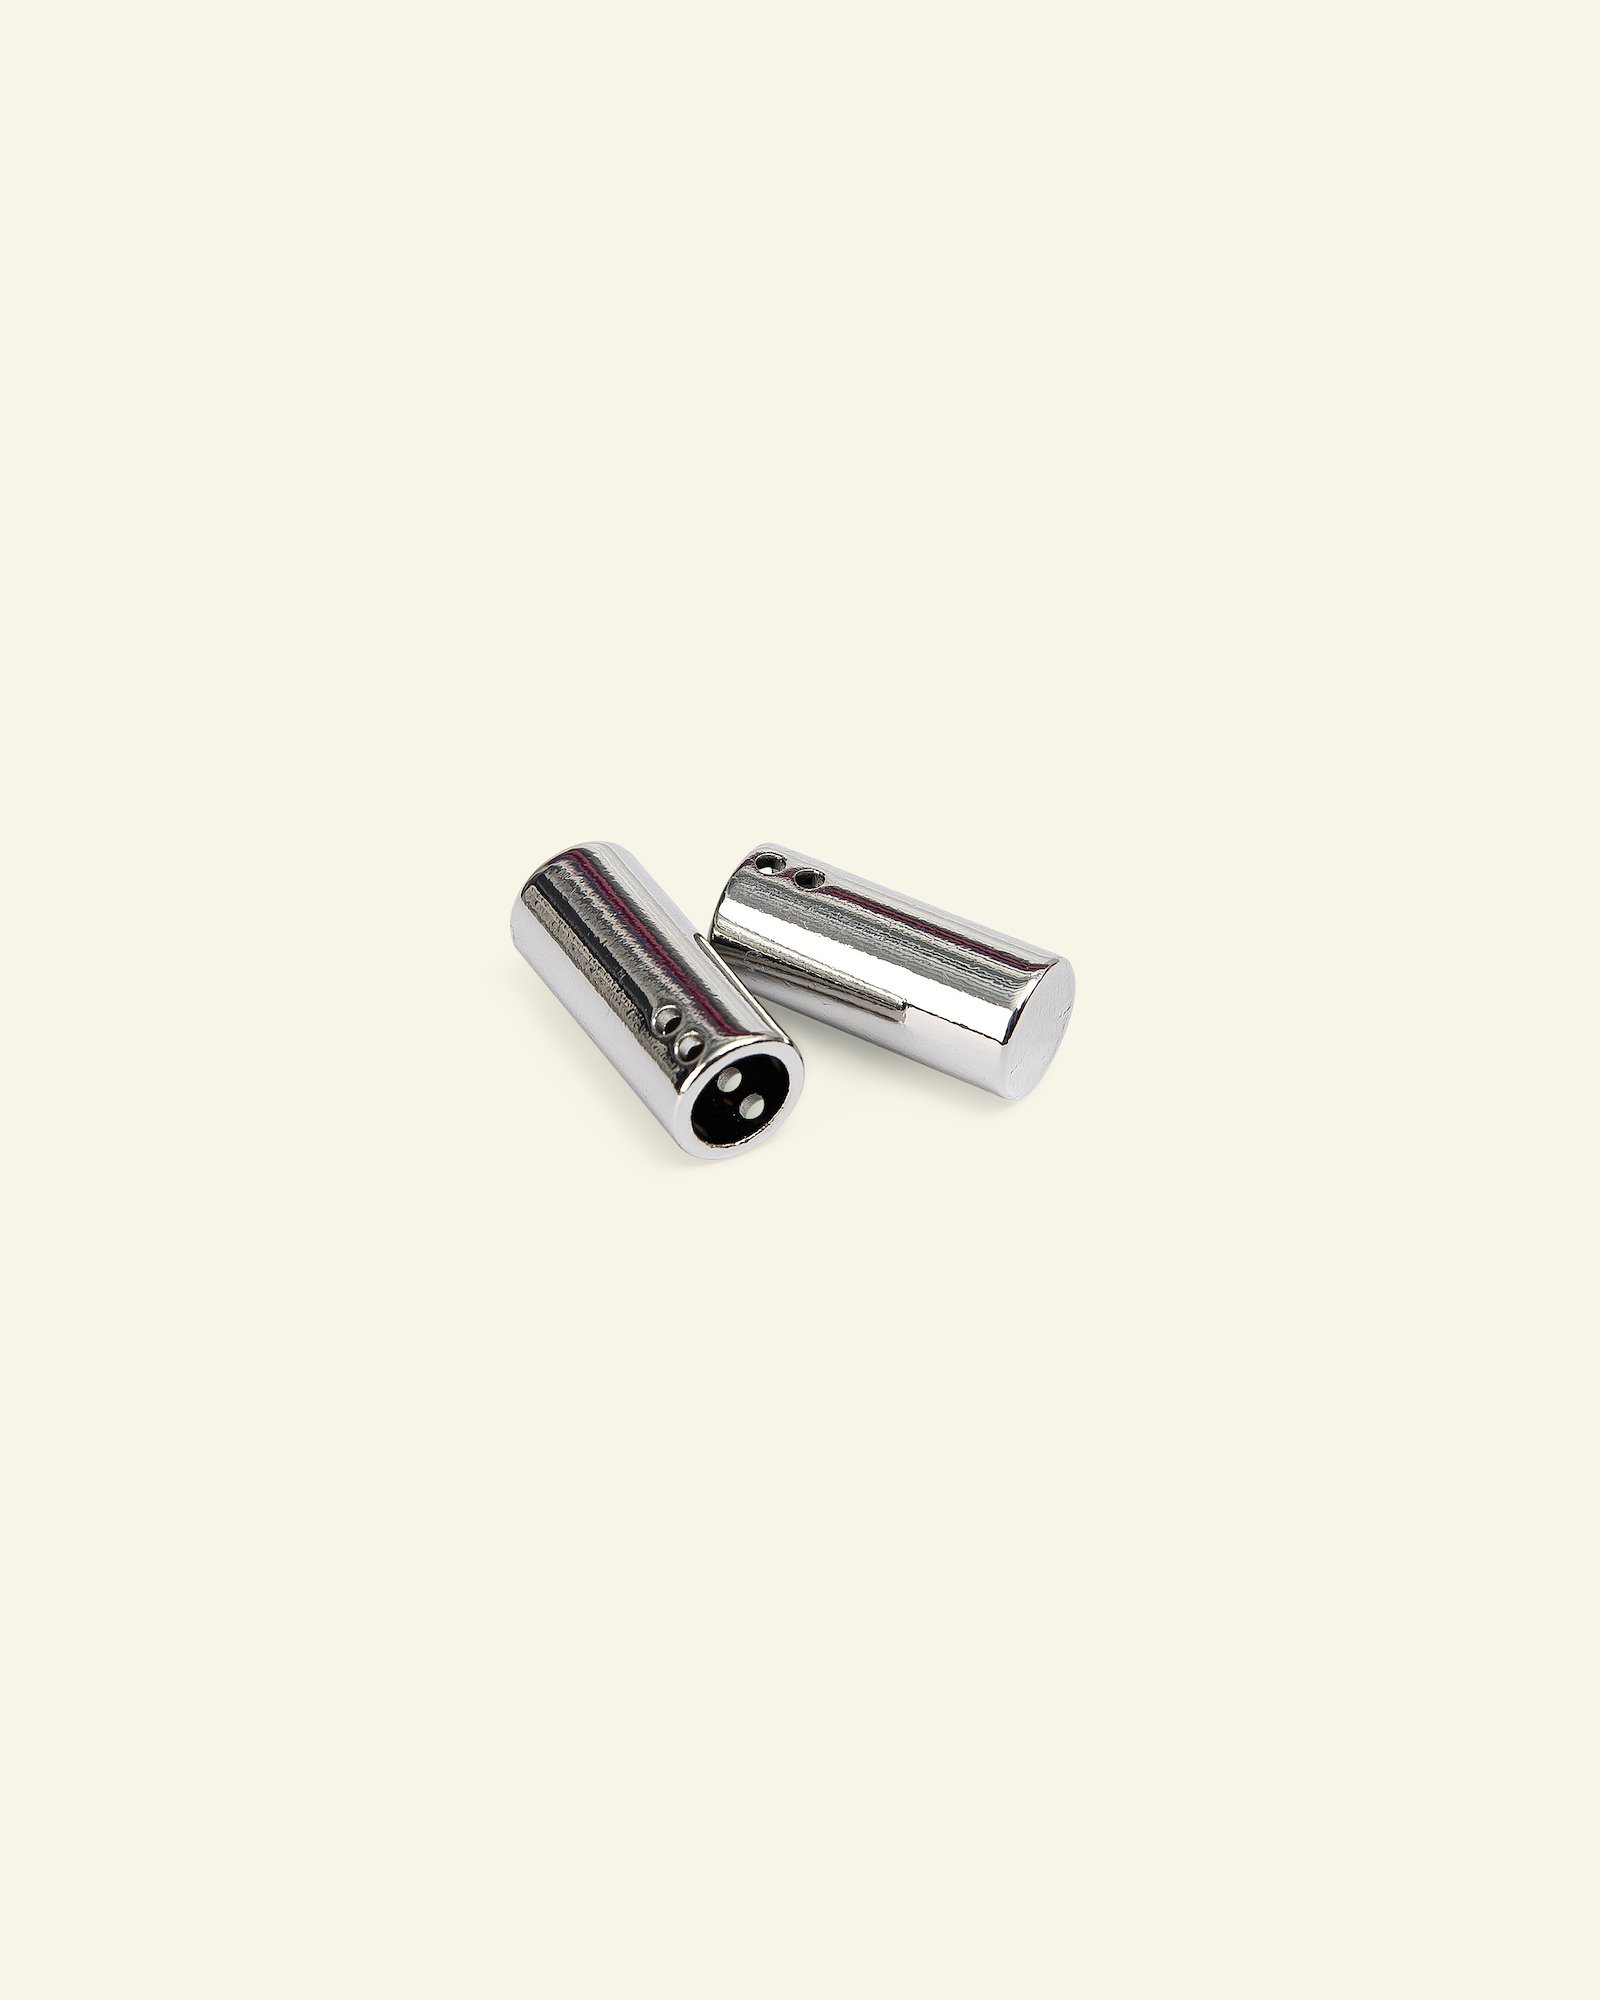 Toggles metal 23x10mm silver 2pcs